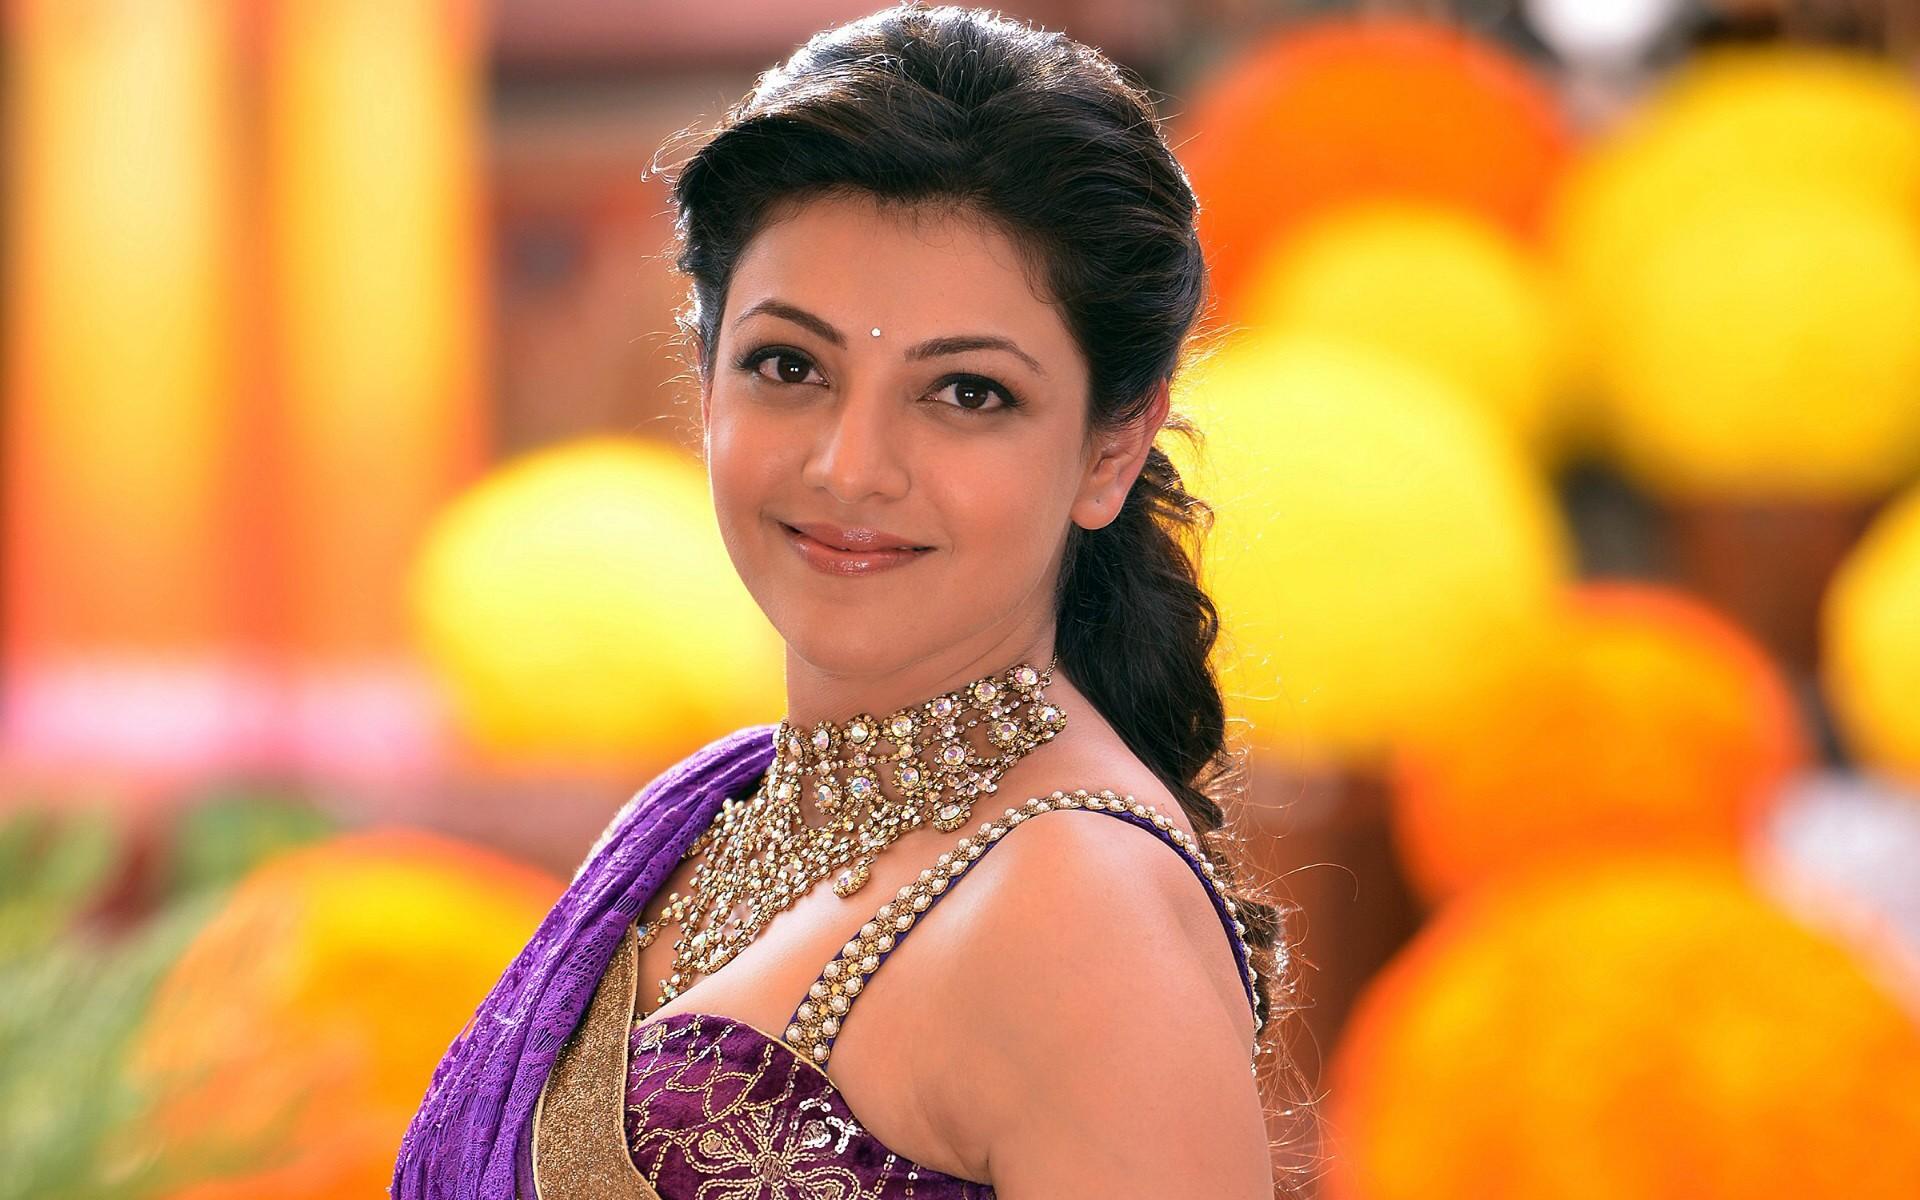 kajal agarwal 7, hd indian celebrities, 4k wallpapers, images